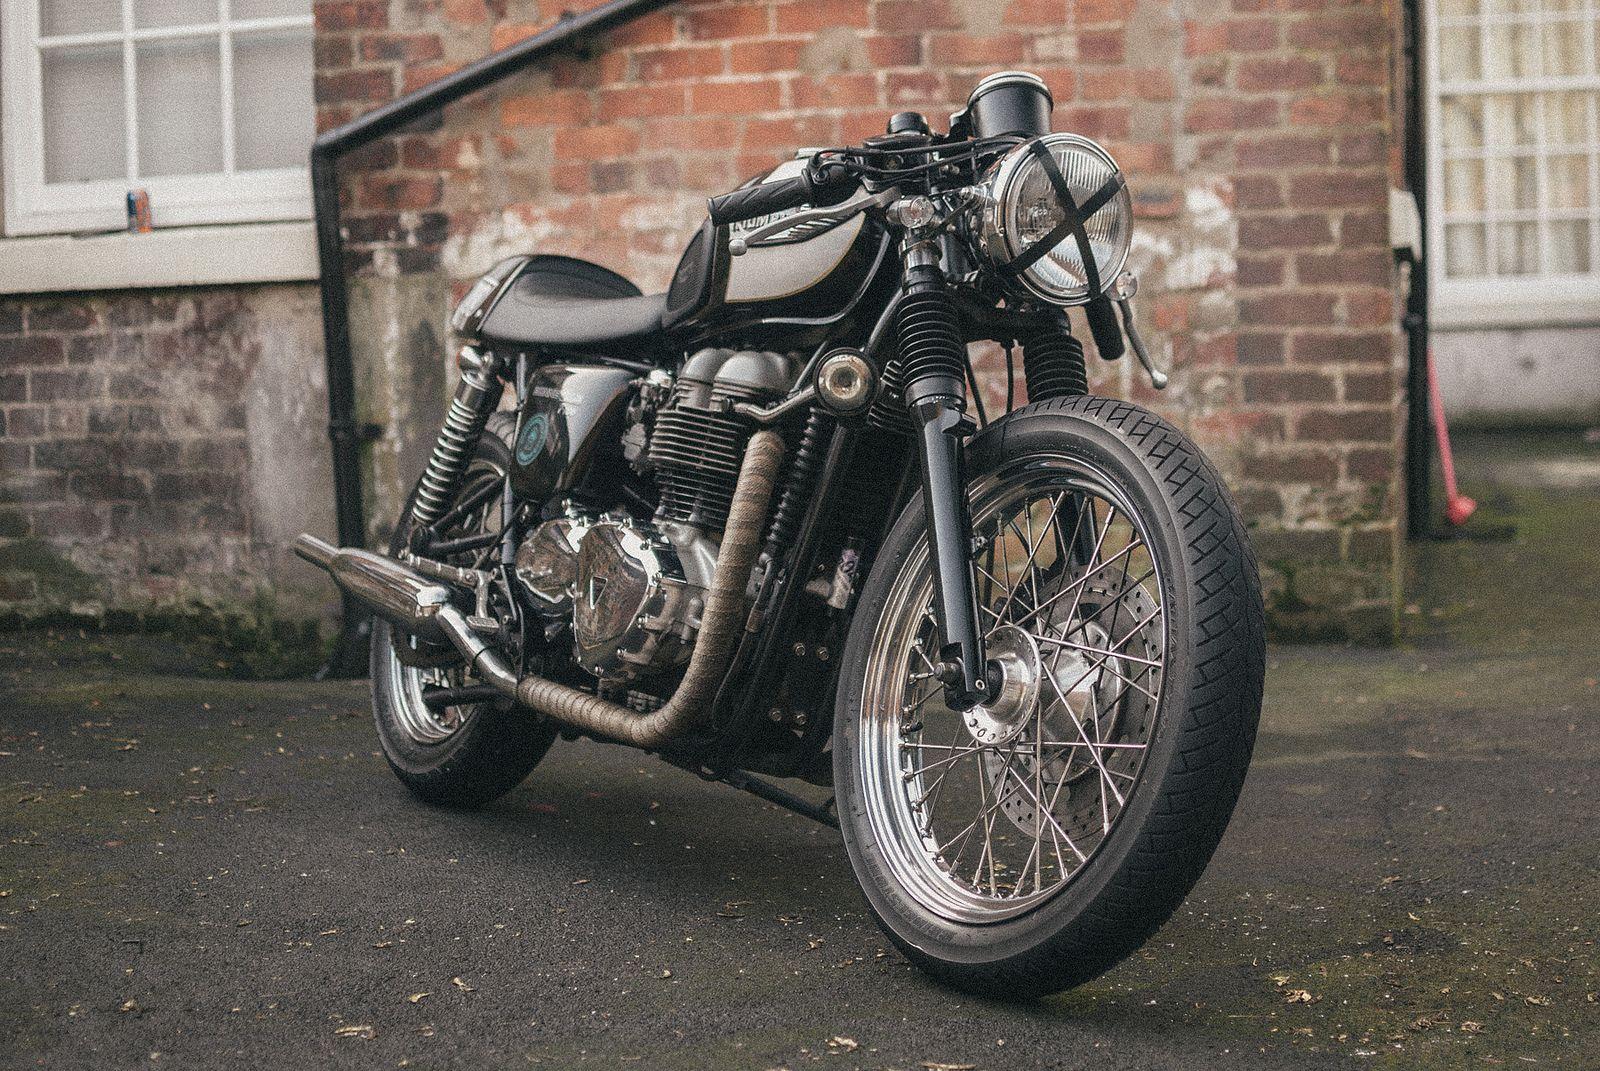 triumph bonneville t100 cafe racer parts | Motorbk co